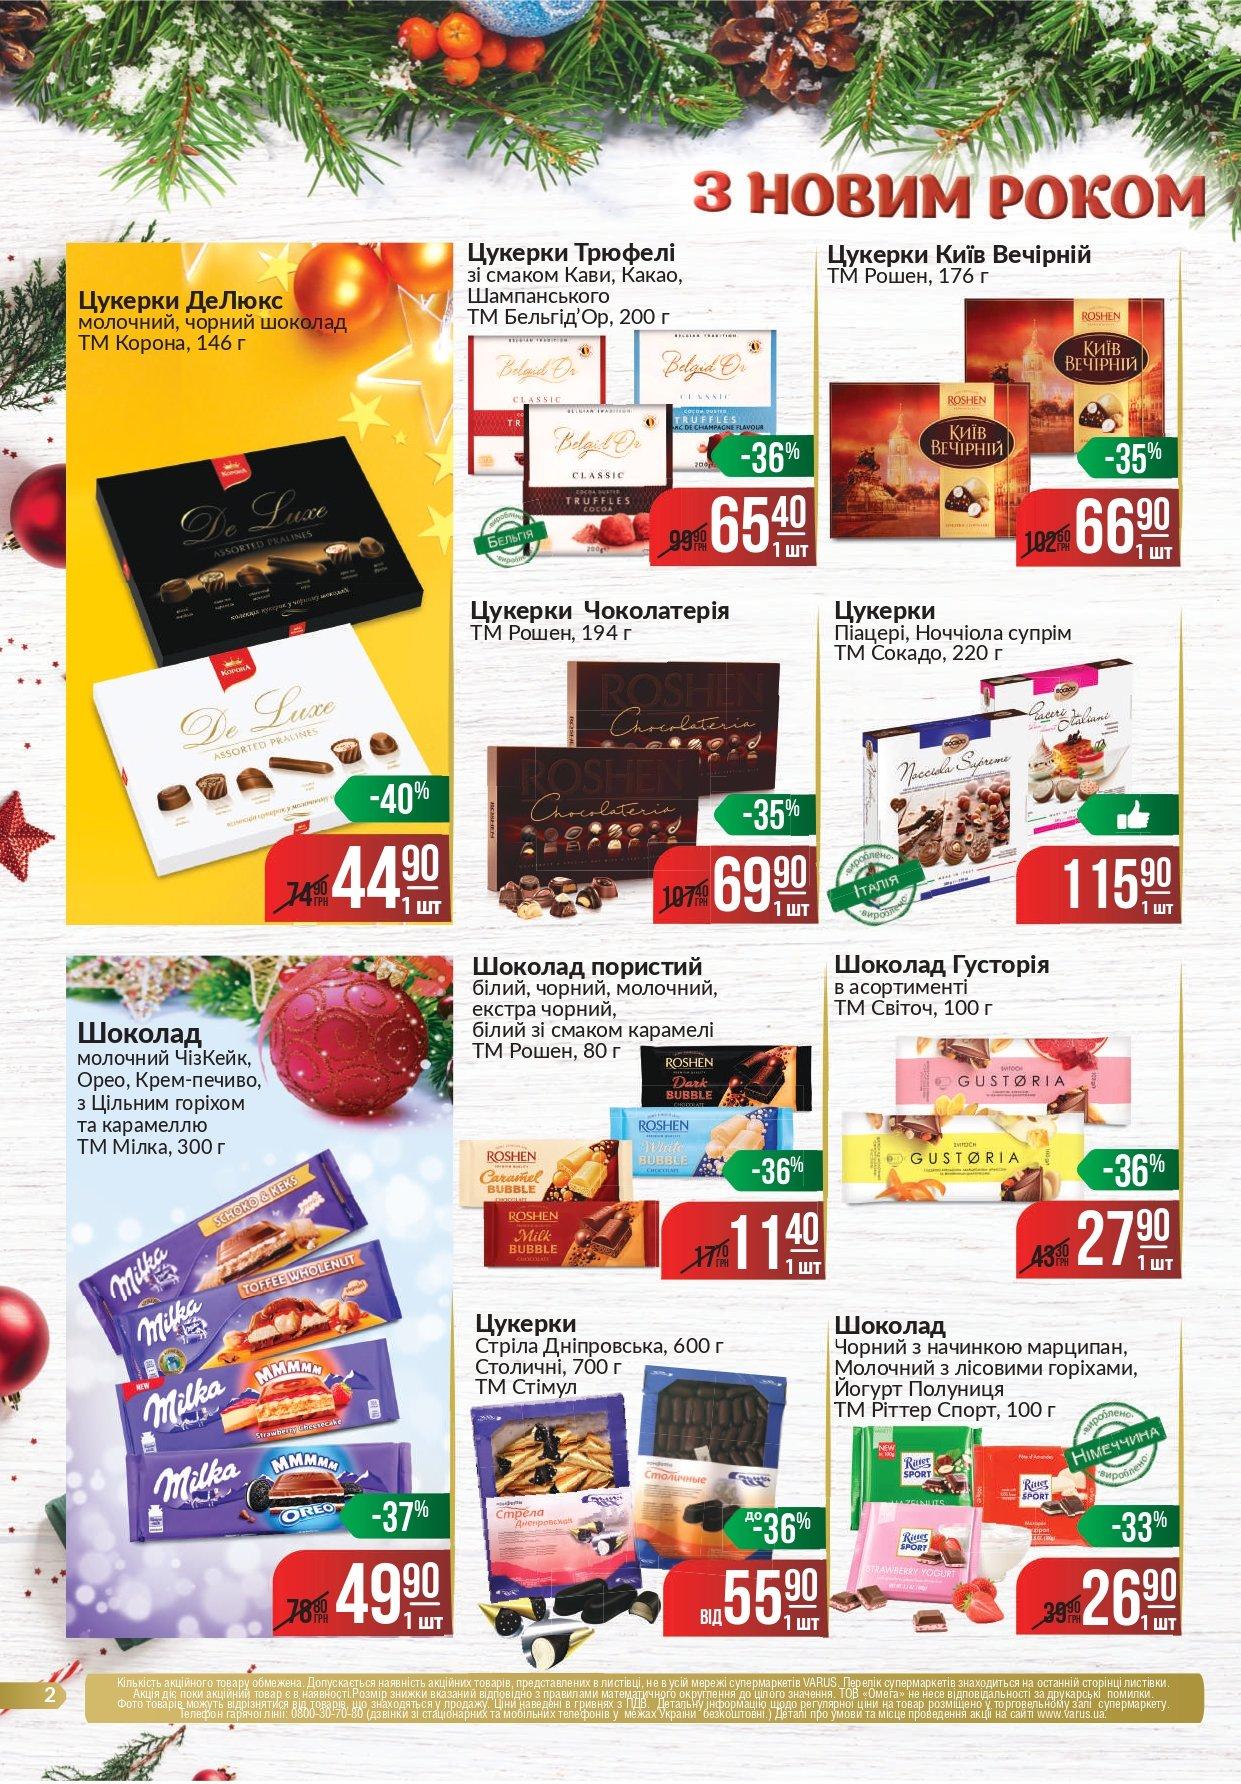 Делаем покупки к Новому Году: какие акции действуют в супермаркетах Днепра, - ЦЕНЫ, фото-31